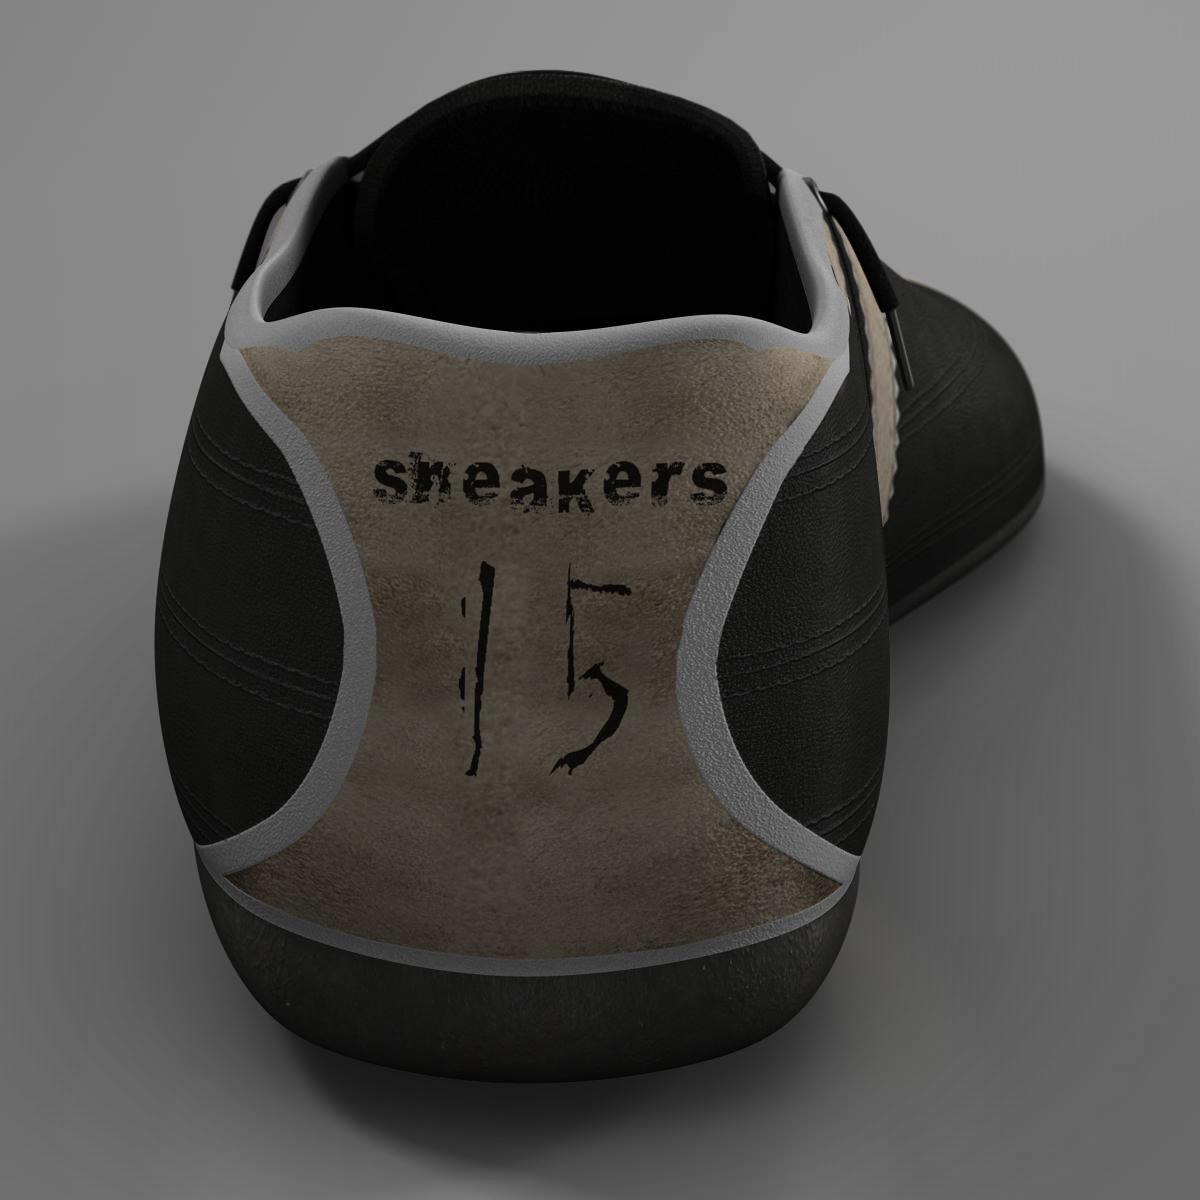 sneakers 3d model 3ds max fbx c4d ma mb obj 160387